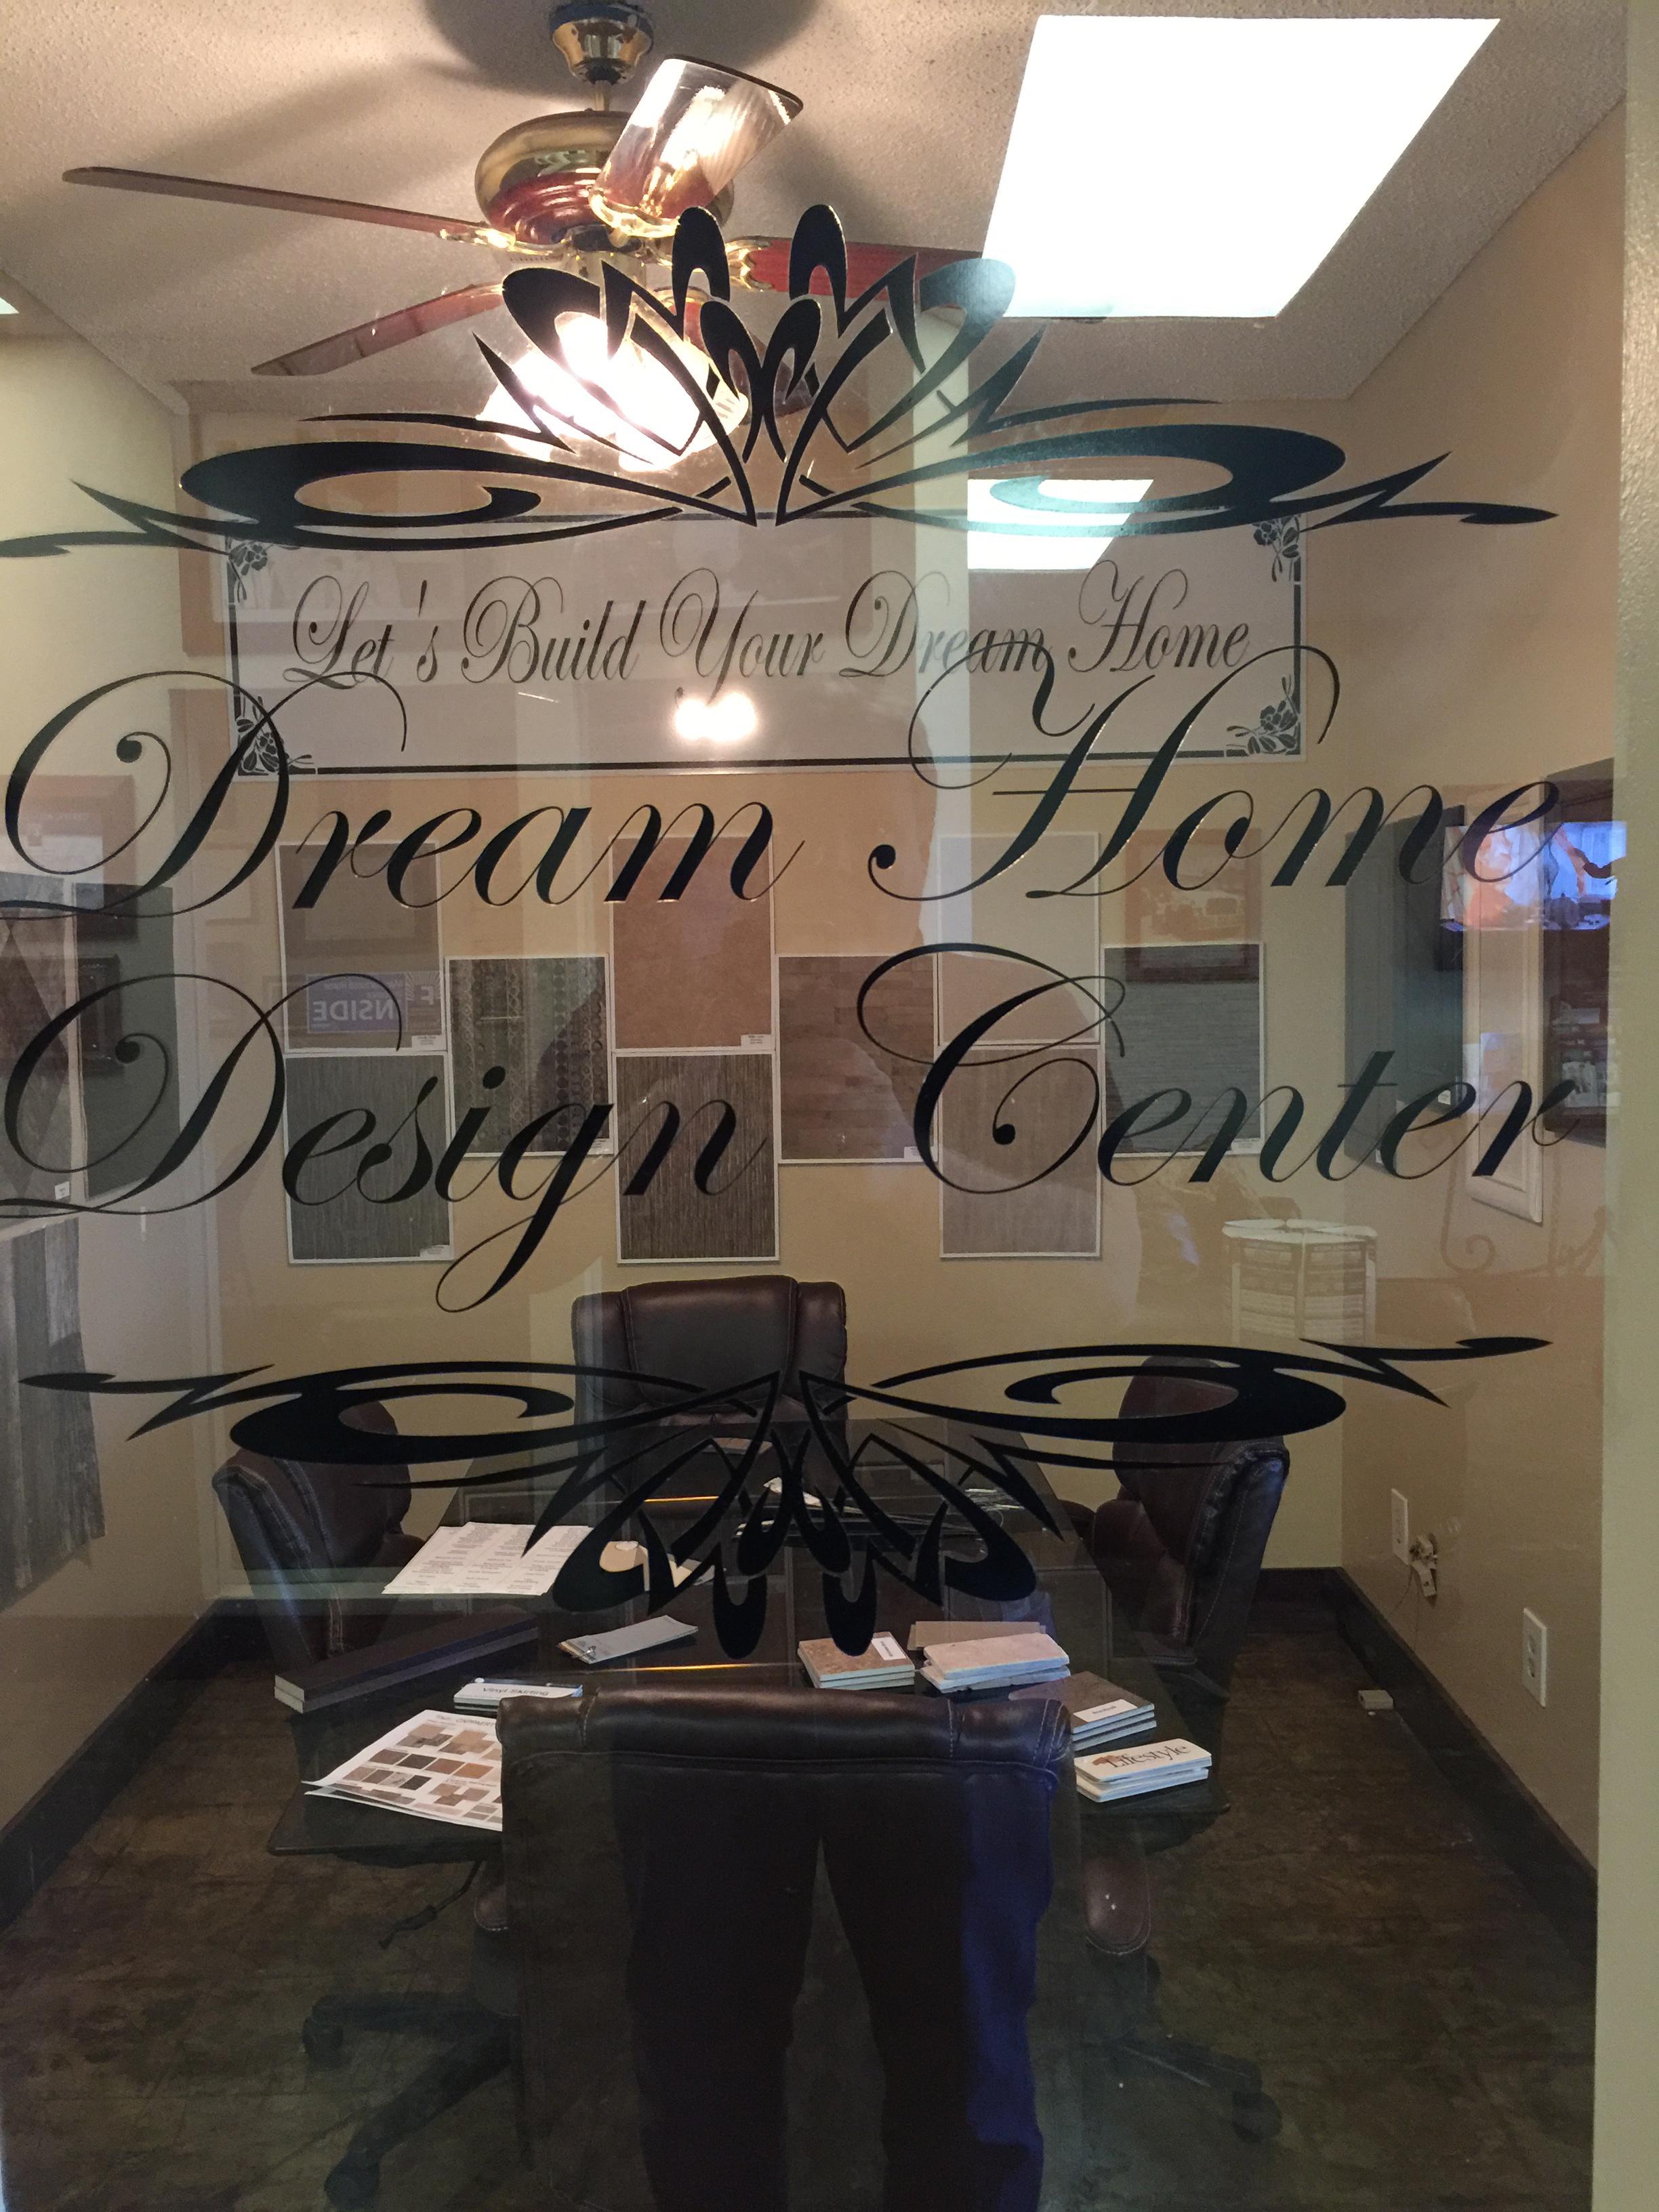 Dream home design center photo